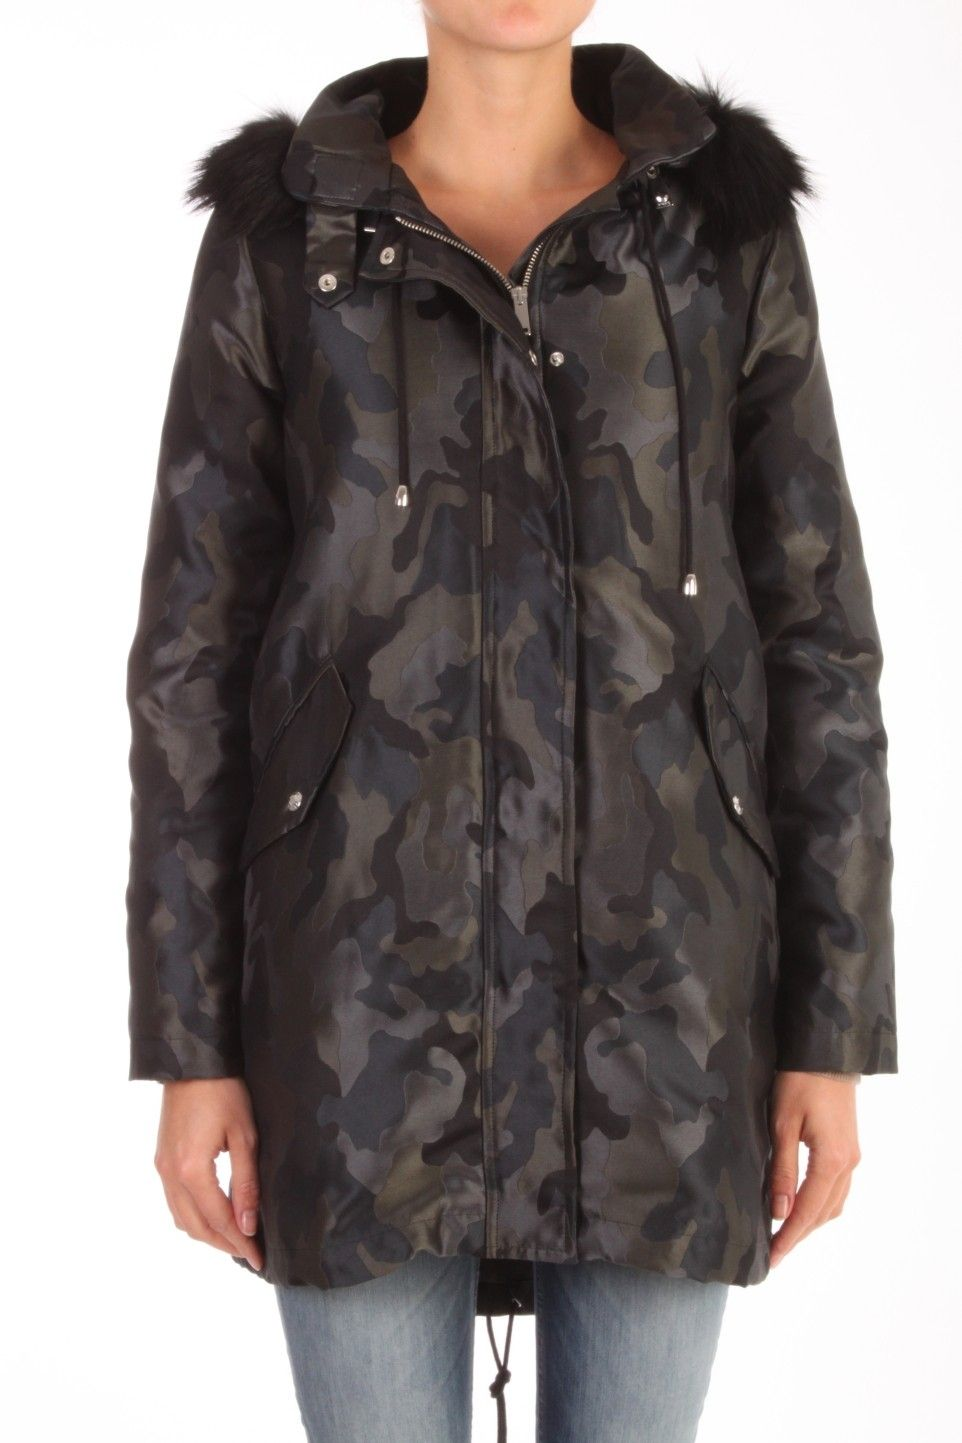 ca6b242d40c Deze parka van Pinko is 100% polyester geweven in jaquard camouflage. De  voering is